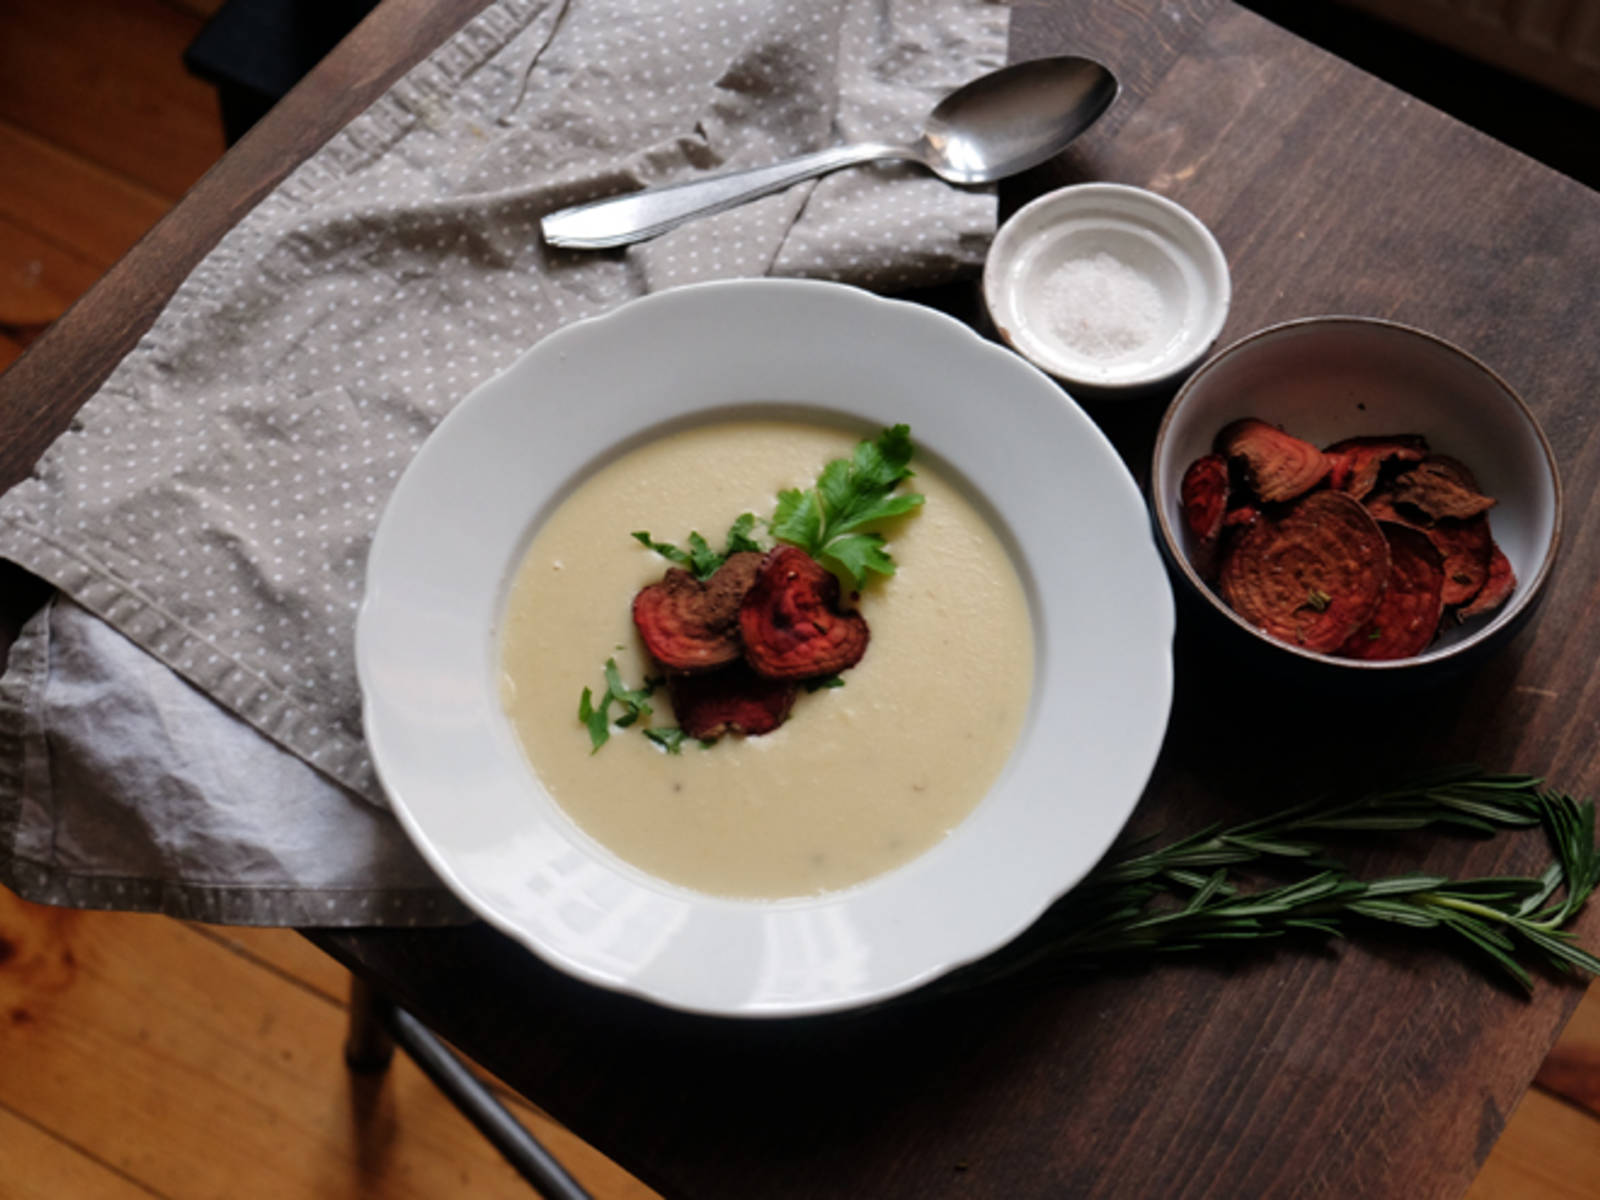 将盘子提前加热一下,再倒入浓汤,撒上欧芹,搭配甜菜根片享用。